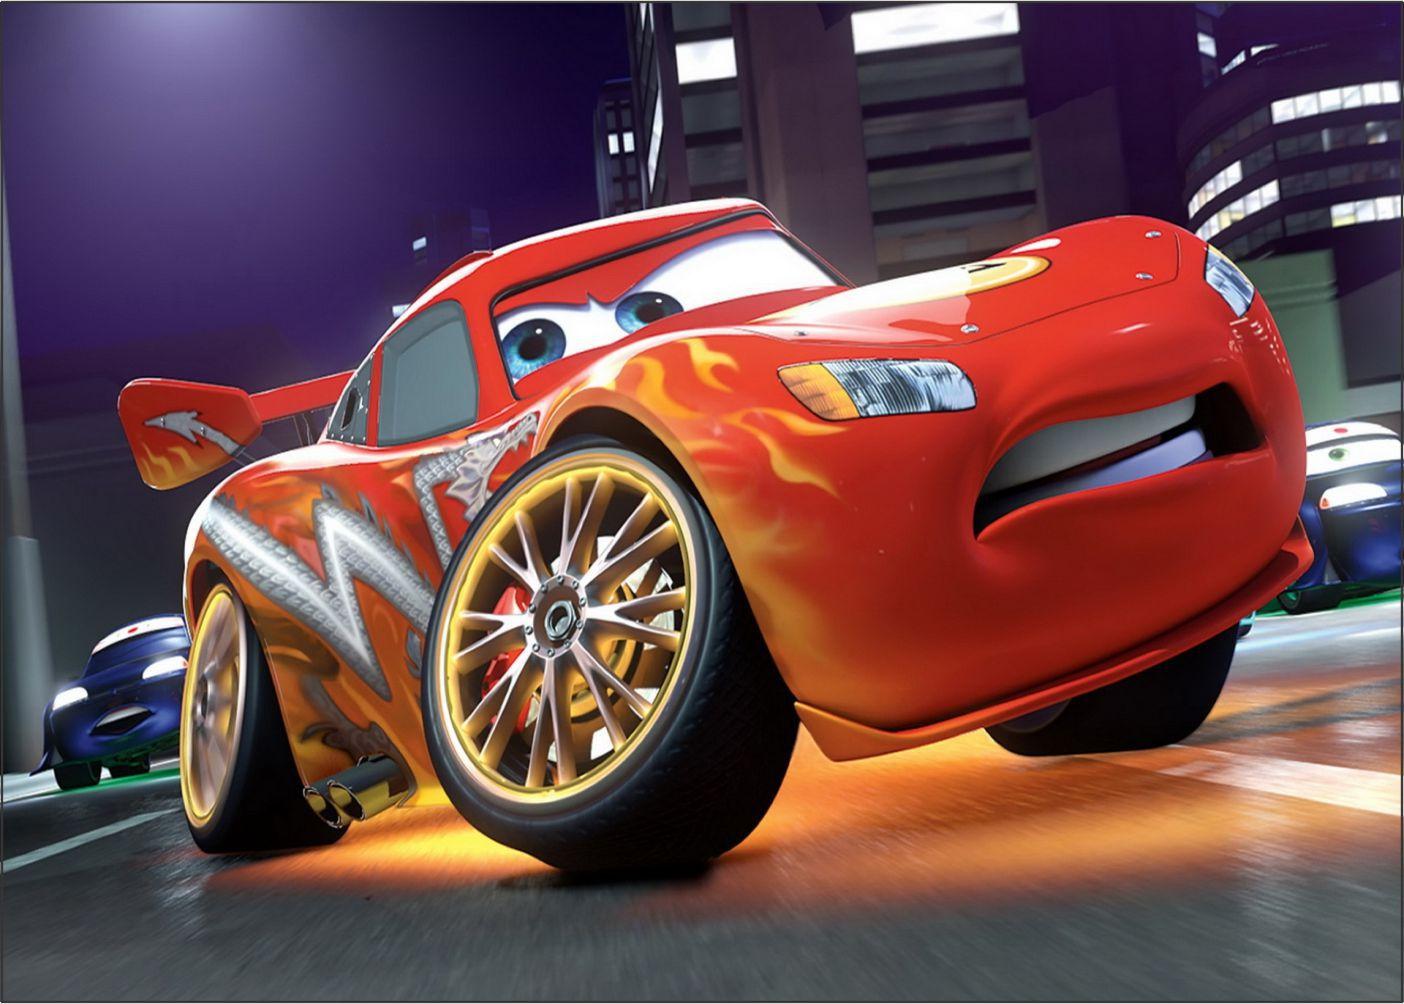 Pape de Parede 3D Carros  0001 - Papel de Parede para Quarto   - Paredes Decoradas